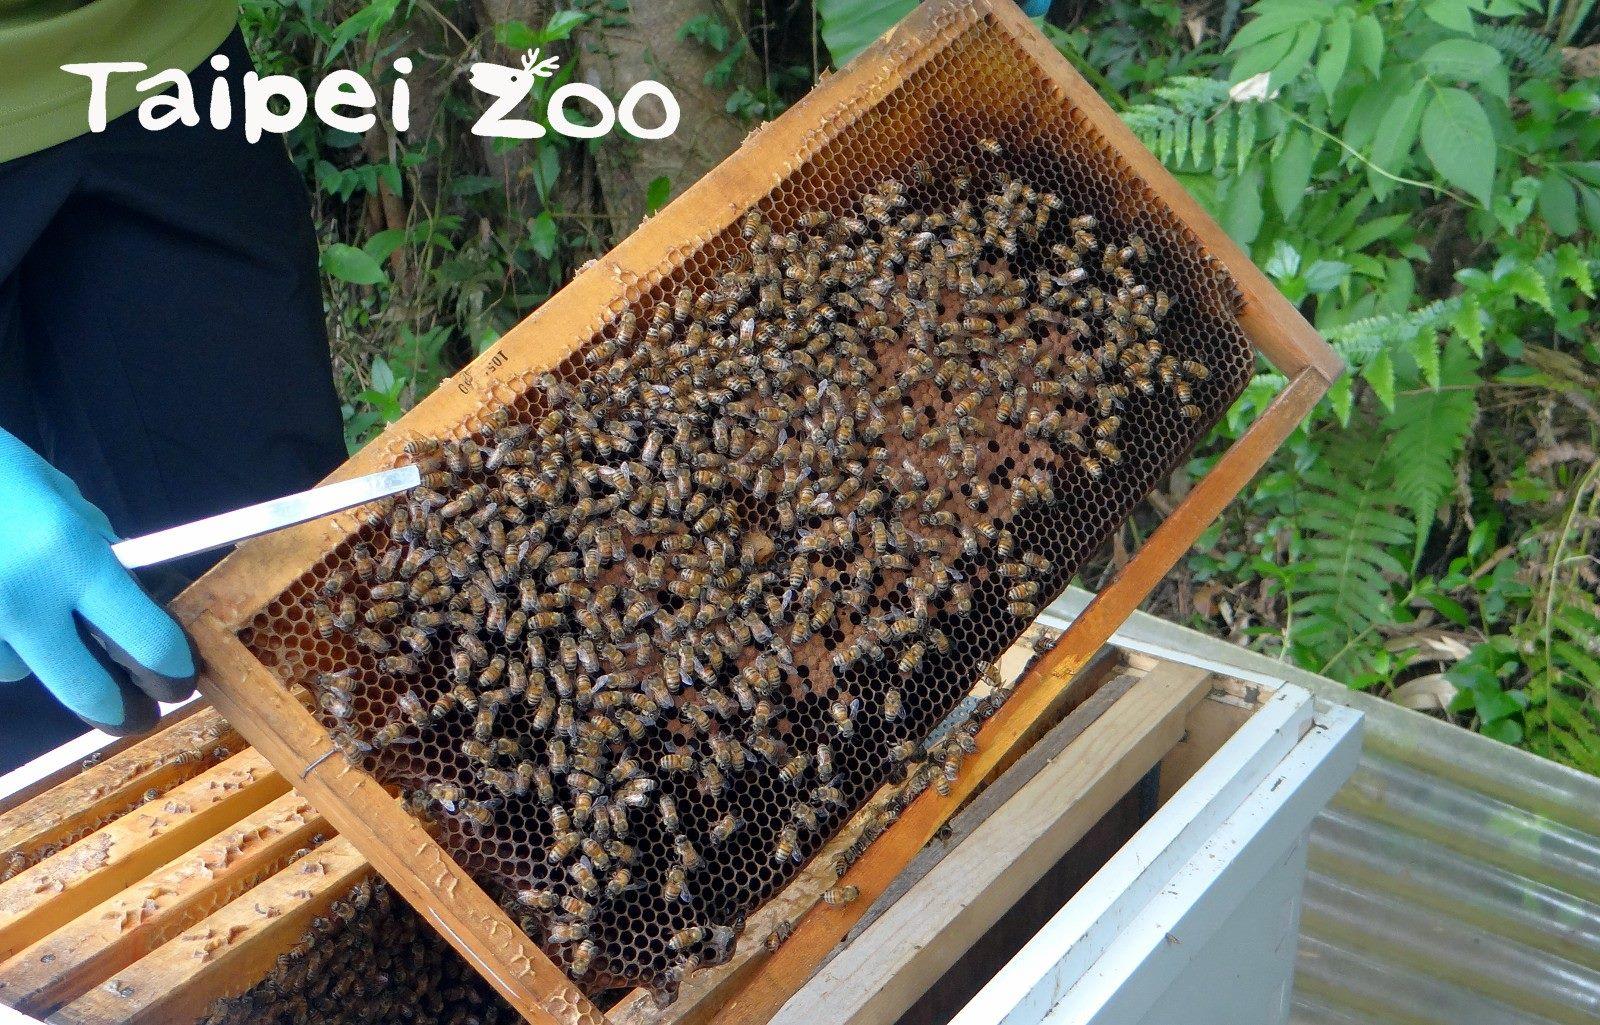 臺北市立動物園為了研究調查等需求,從三年前開始在昆蟲館周圍飼養義大利蜂